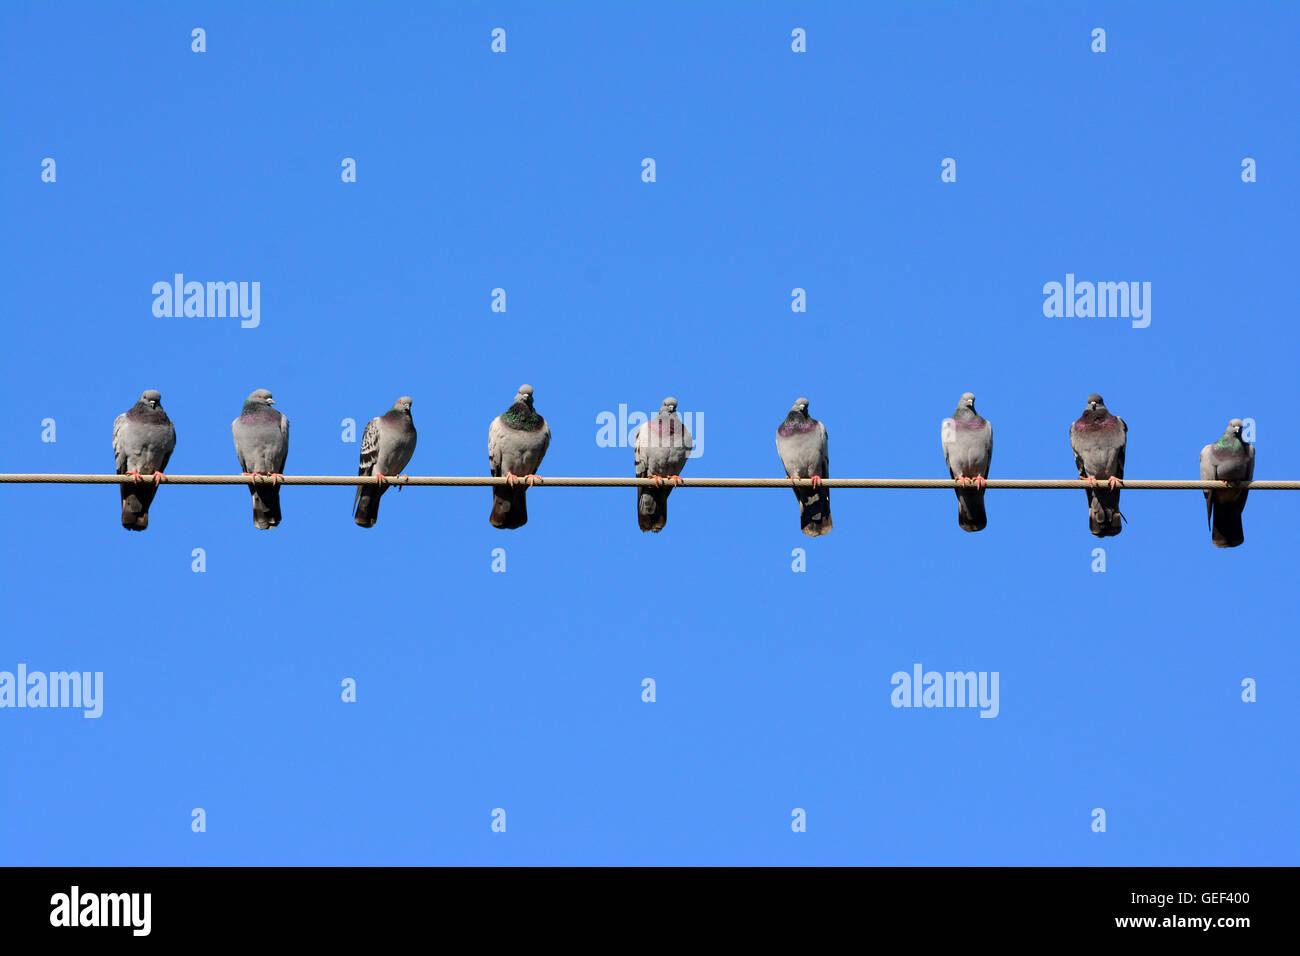 Taube Nachbarn halten persönliche Distanz Stockbild